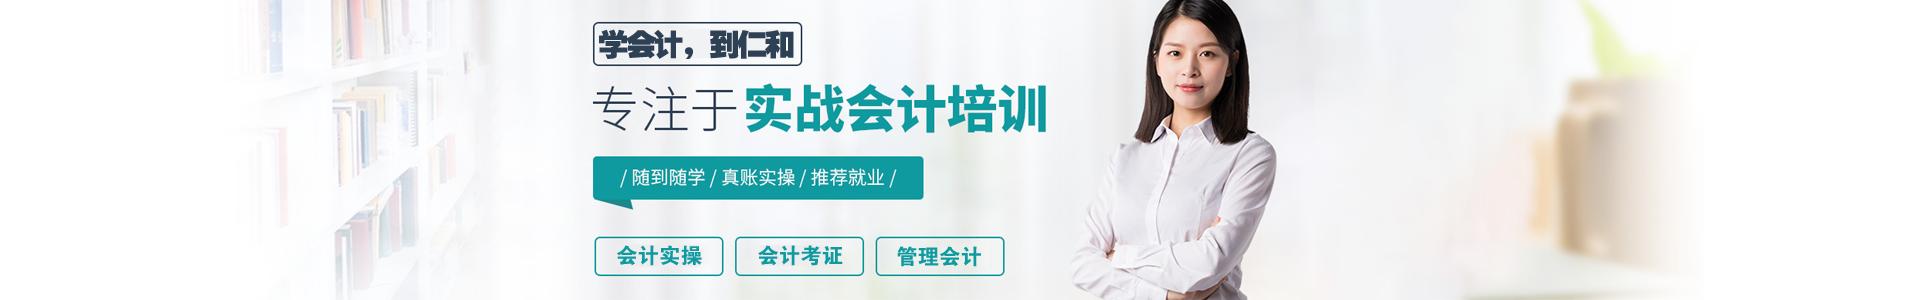 渭南仁和会计千赢国际登录学校 横幅广告